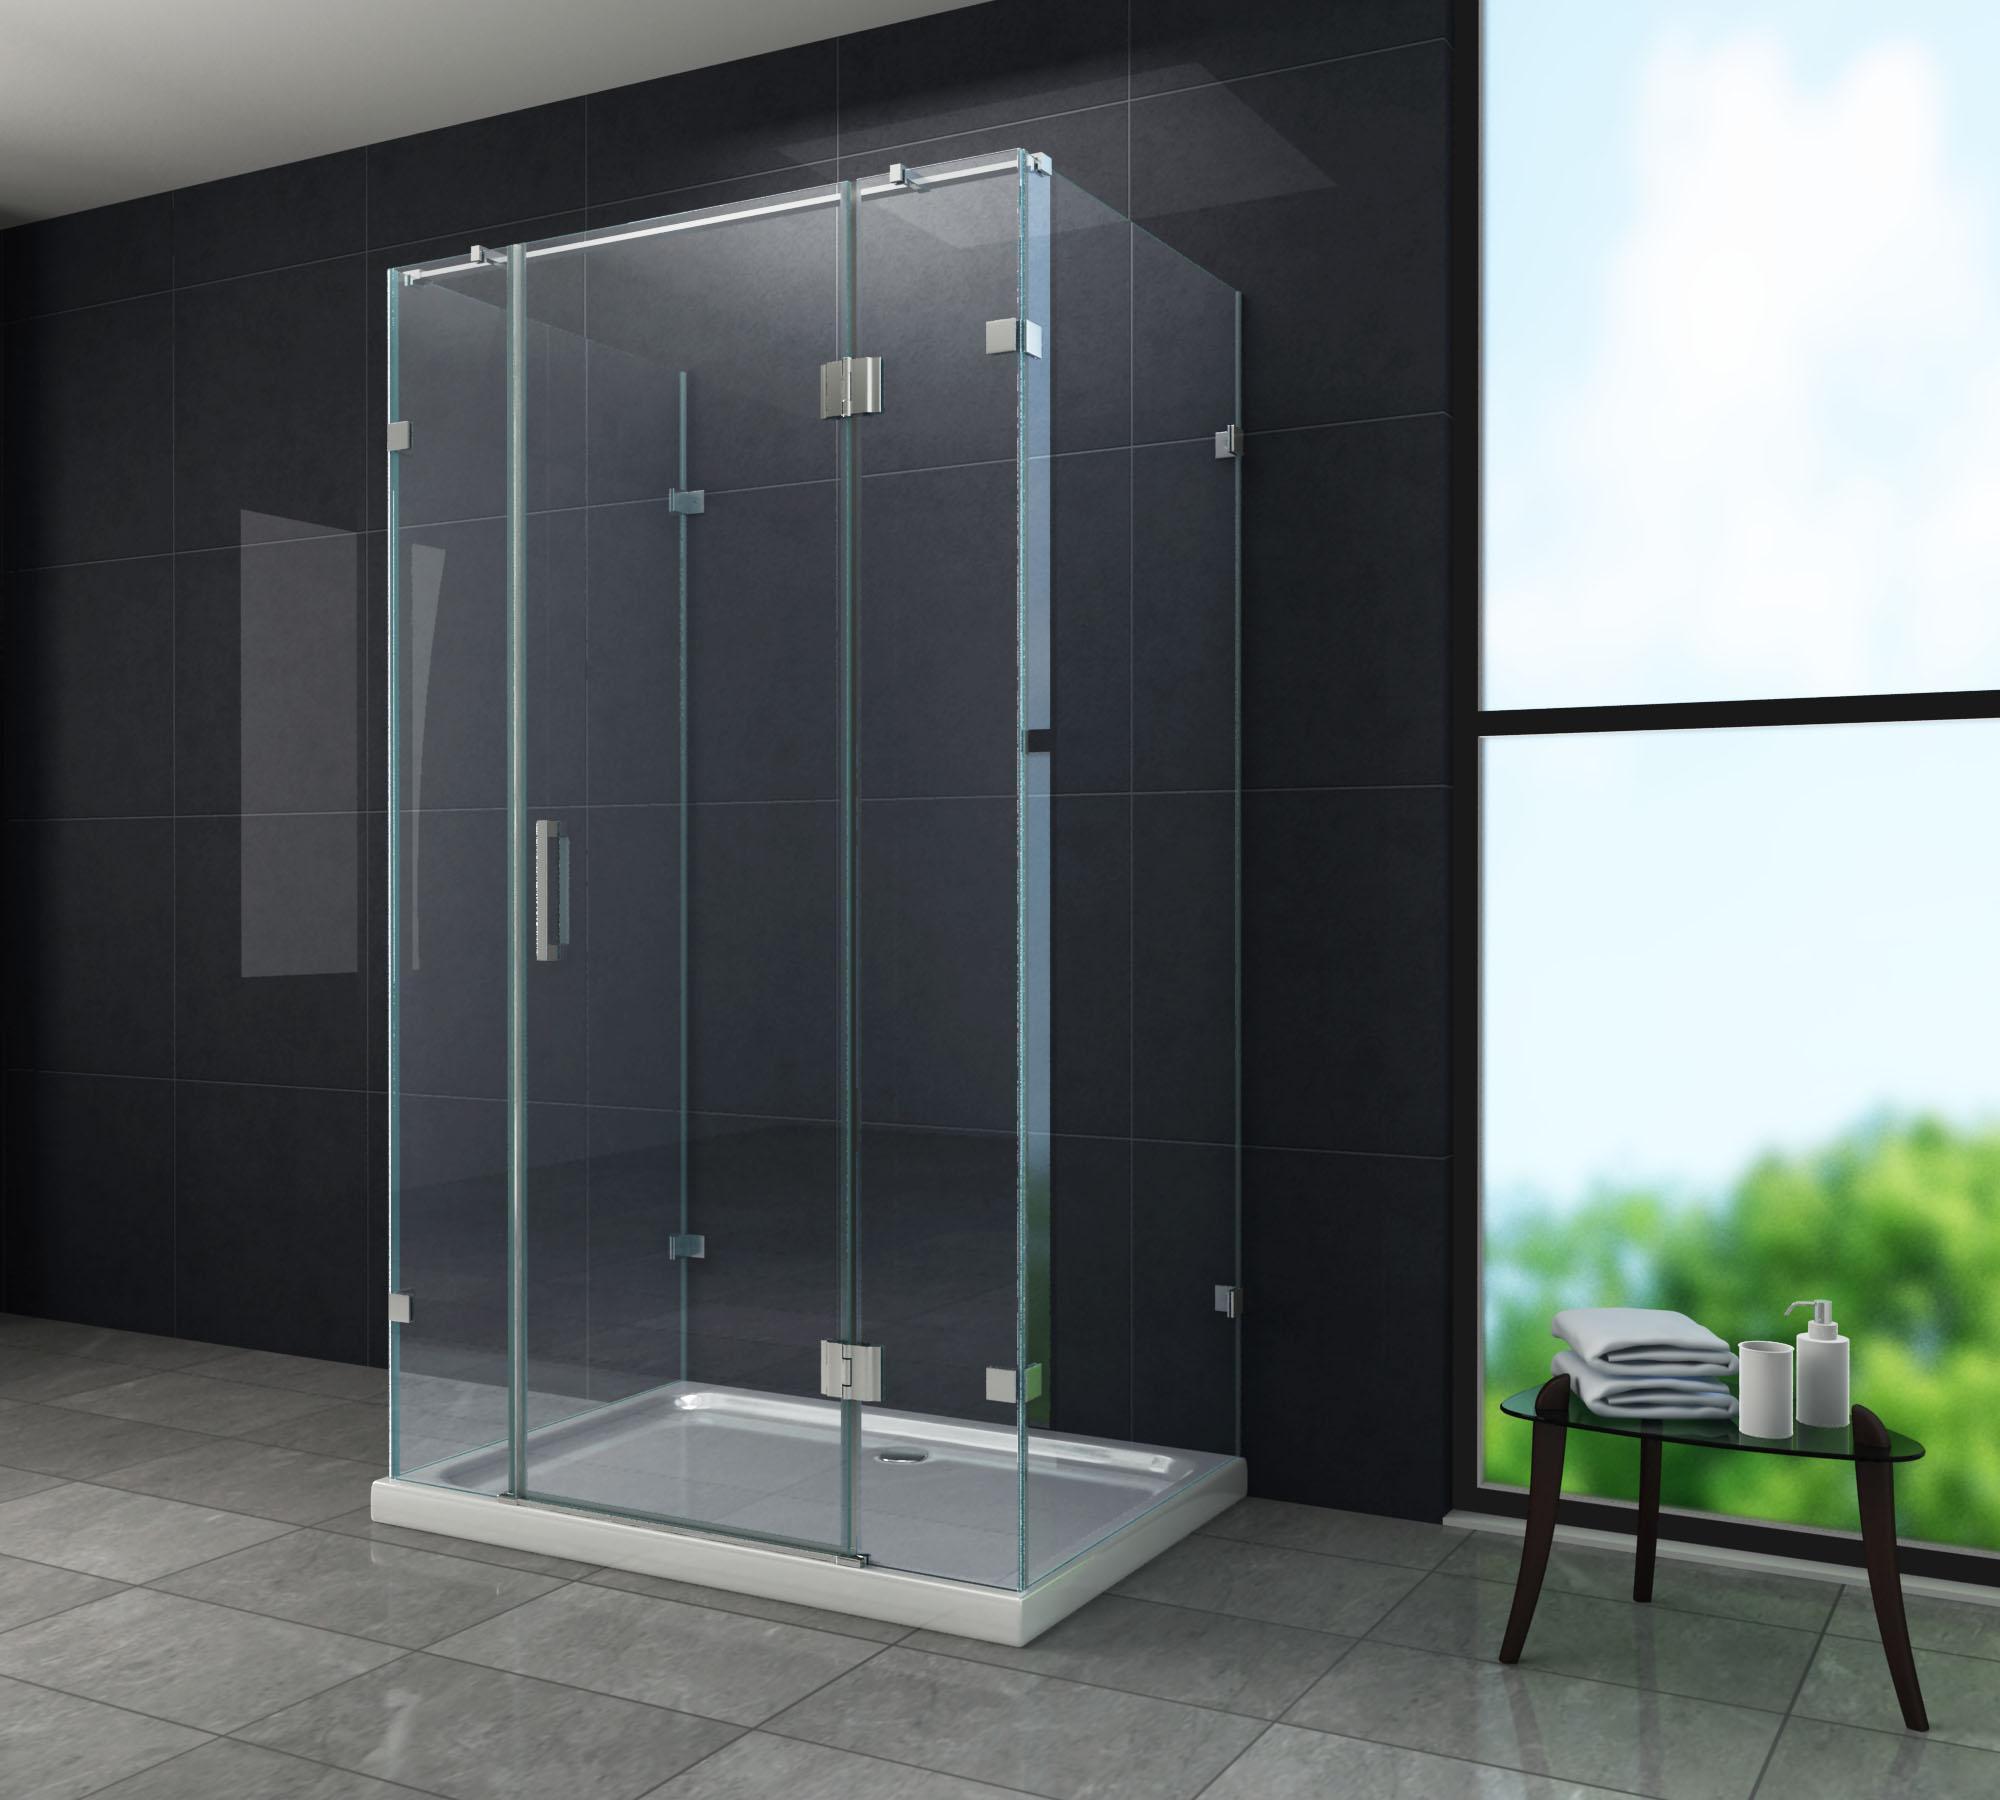 U-Duschkabine CONTORNO 120 x 80 x 195 ohne Duschtasse